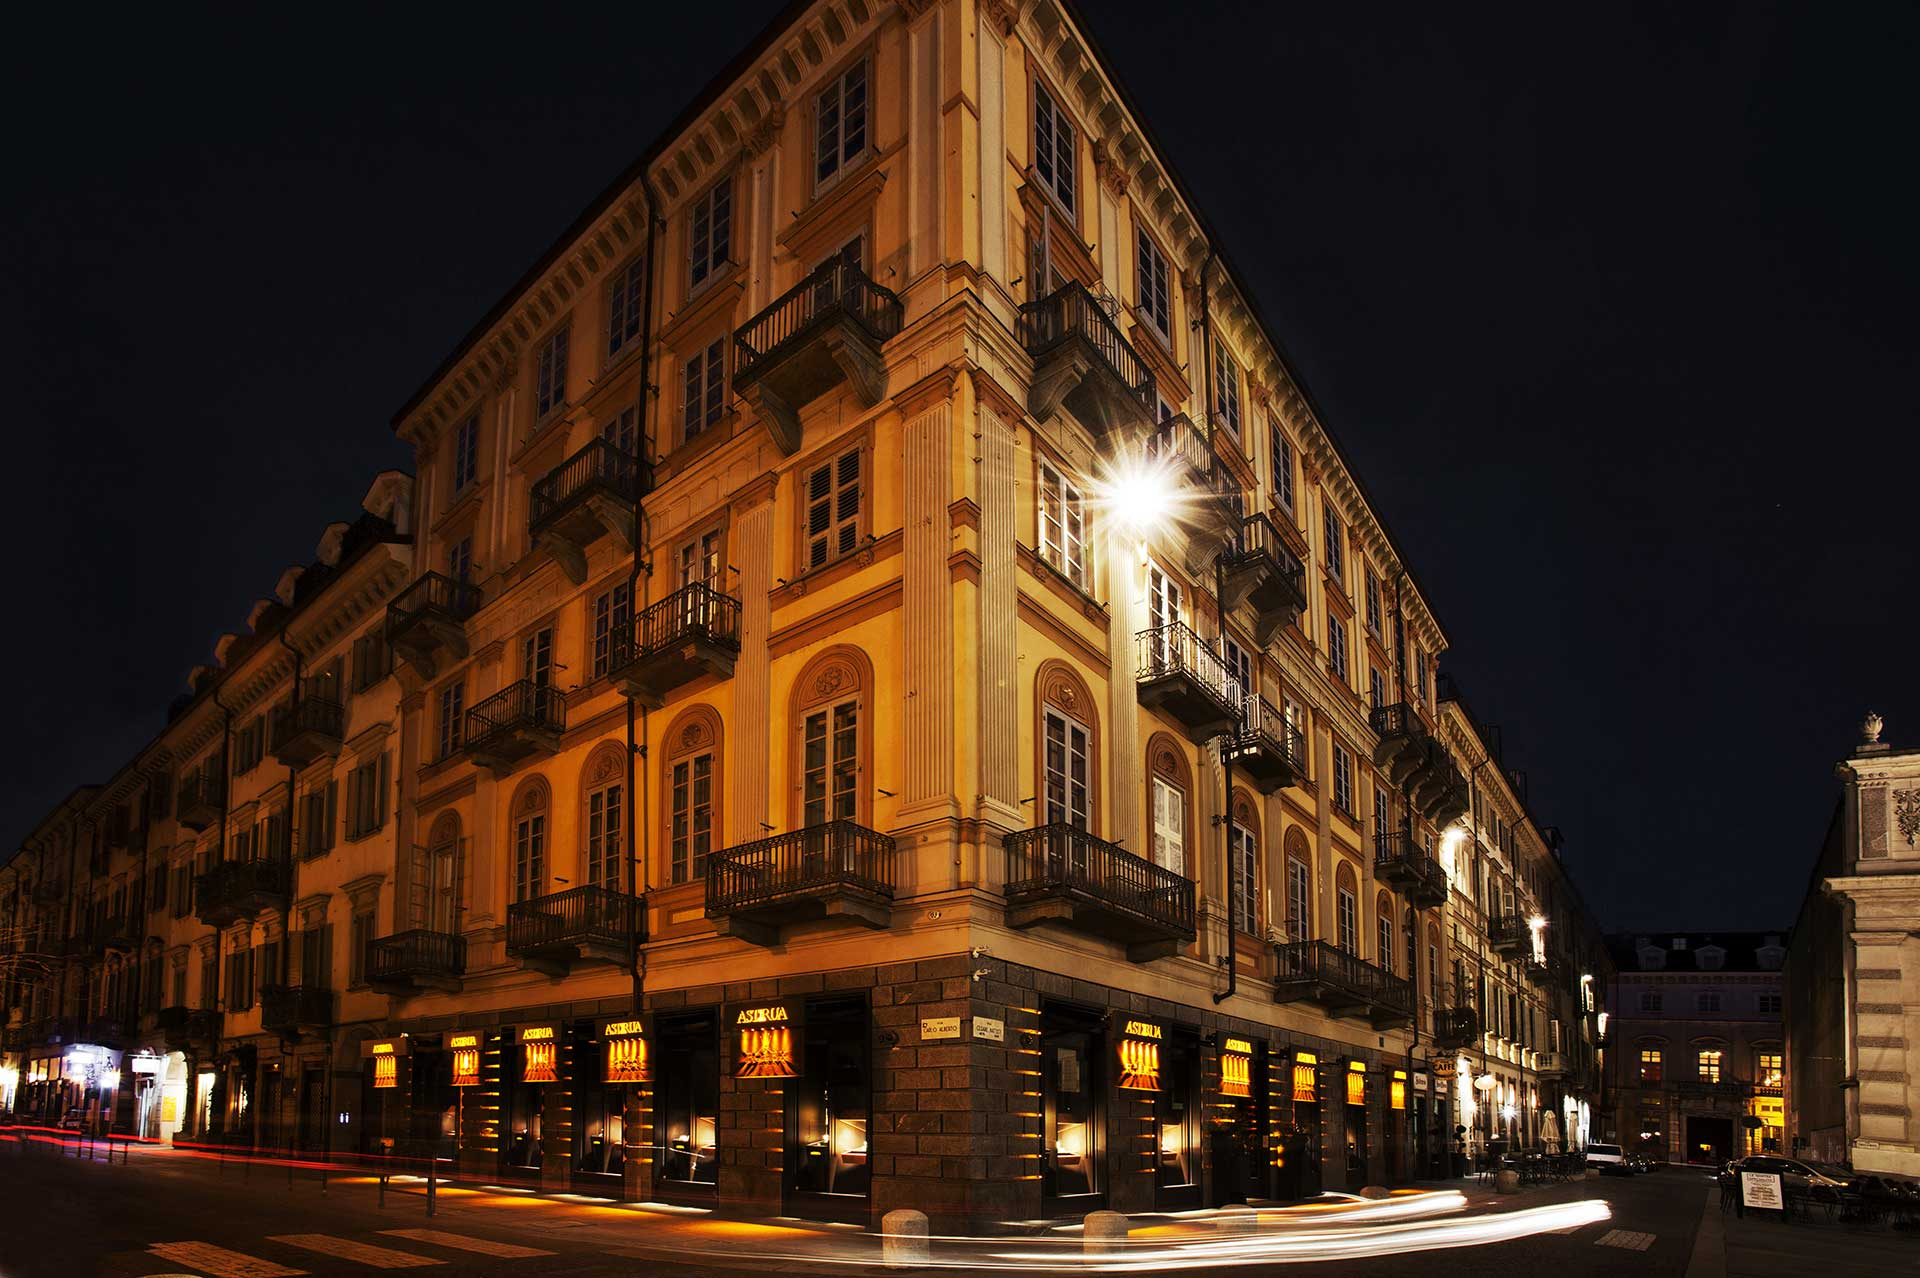 Astrua – Torino